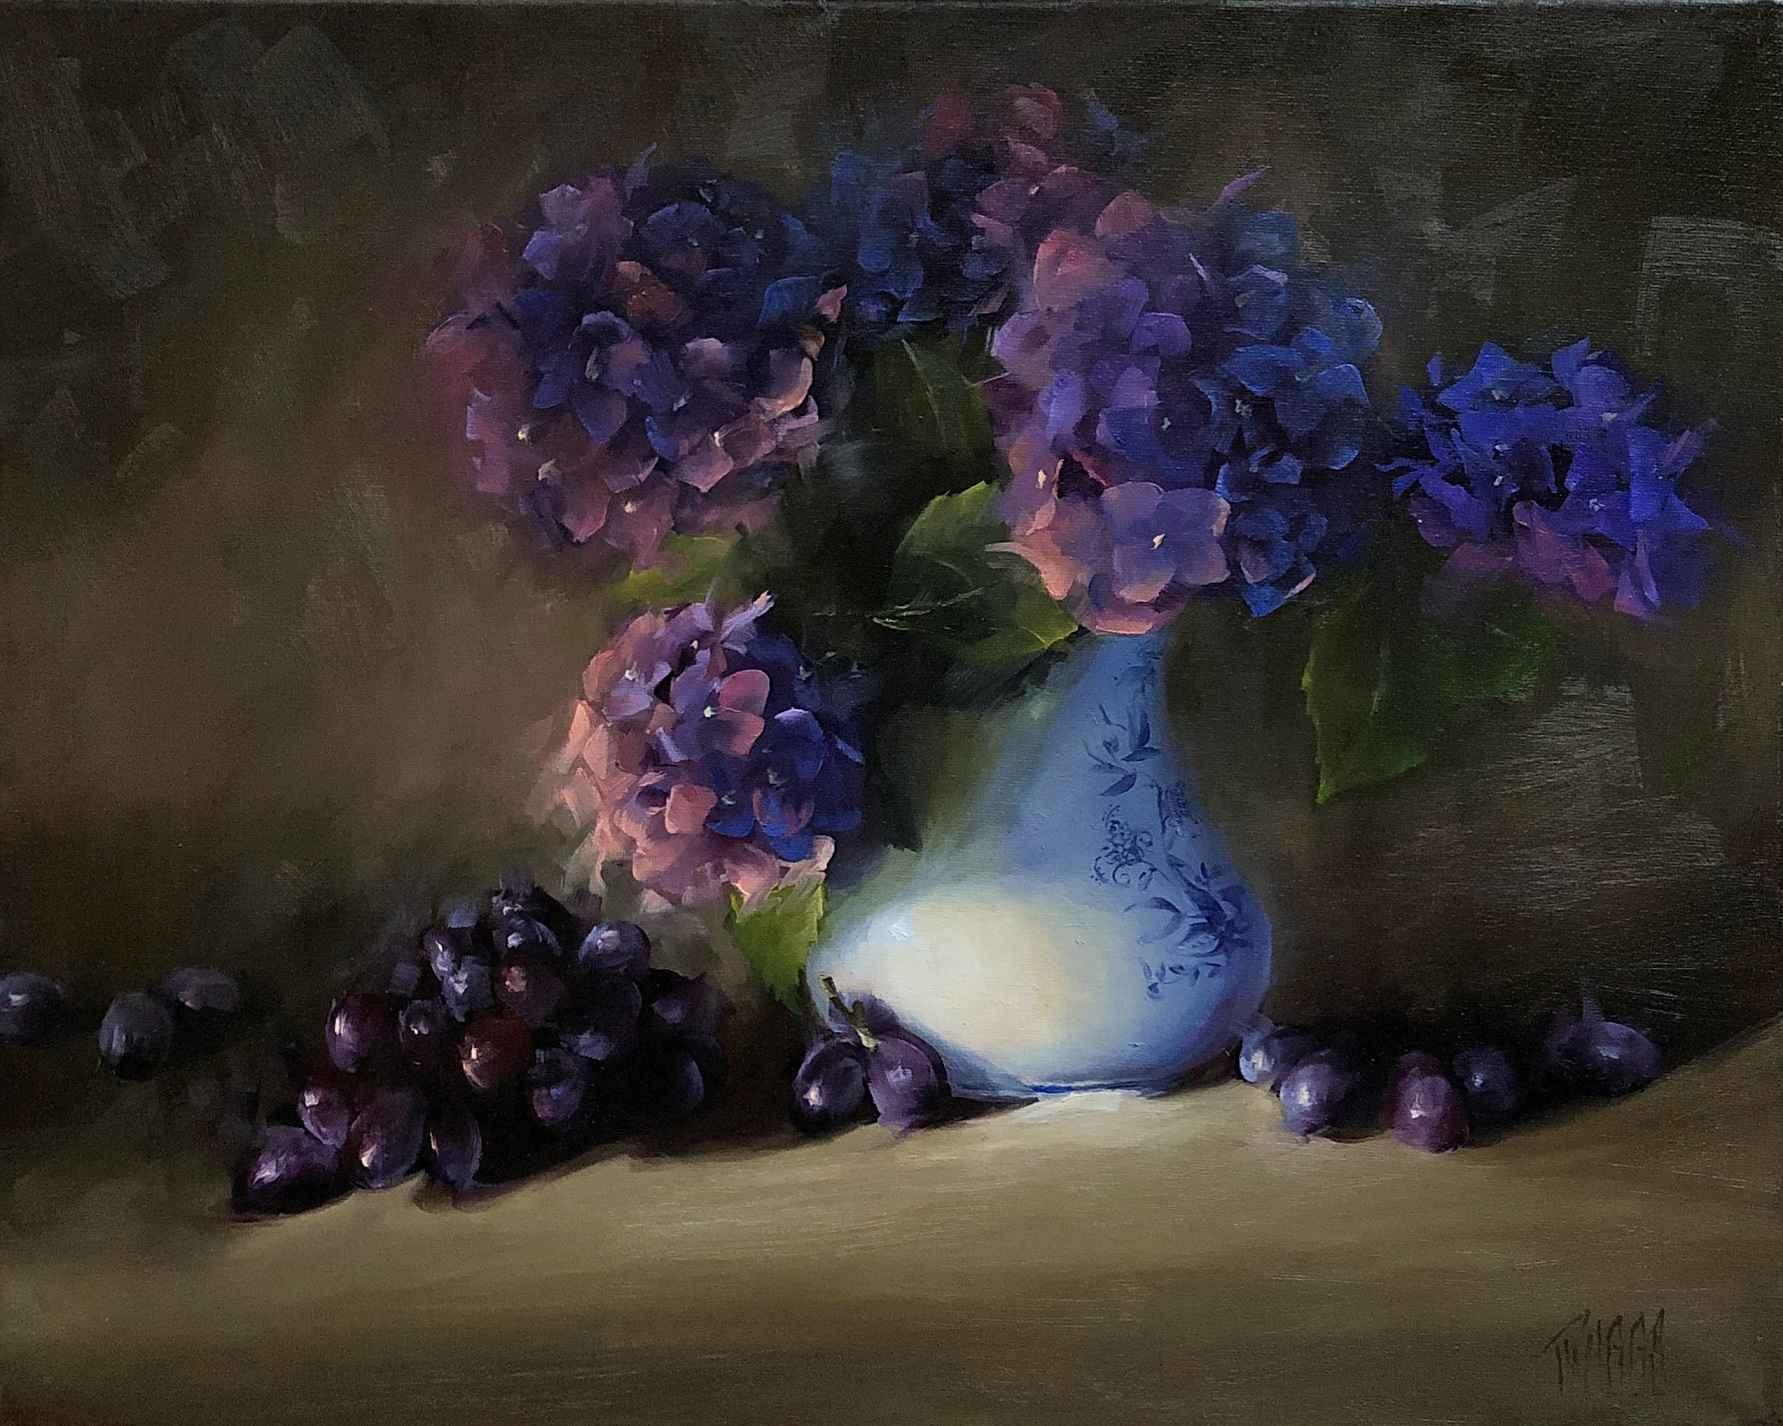 Hydrangeas in Moody B... by  Lori Twiggs - Masterpiece Online